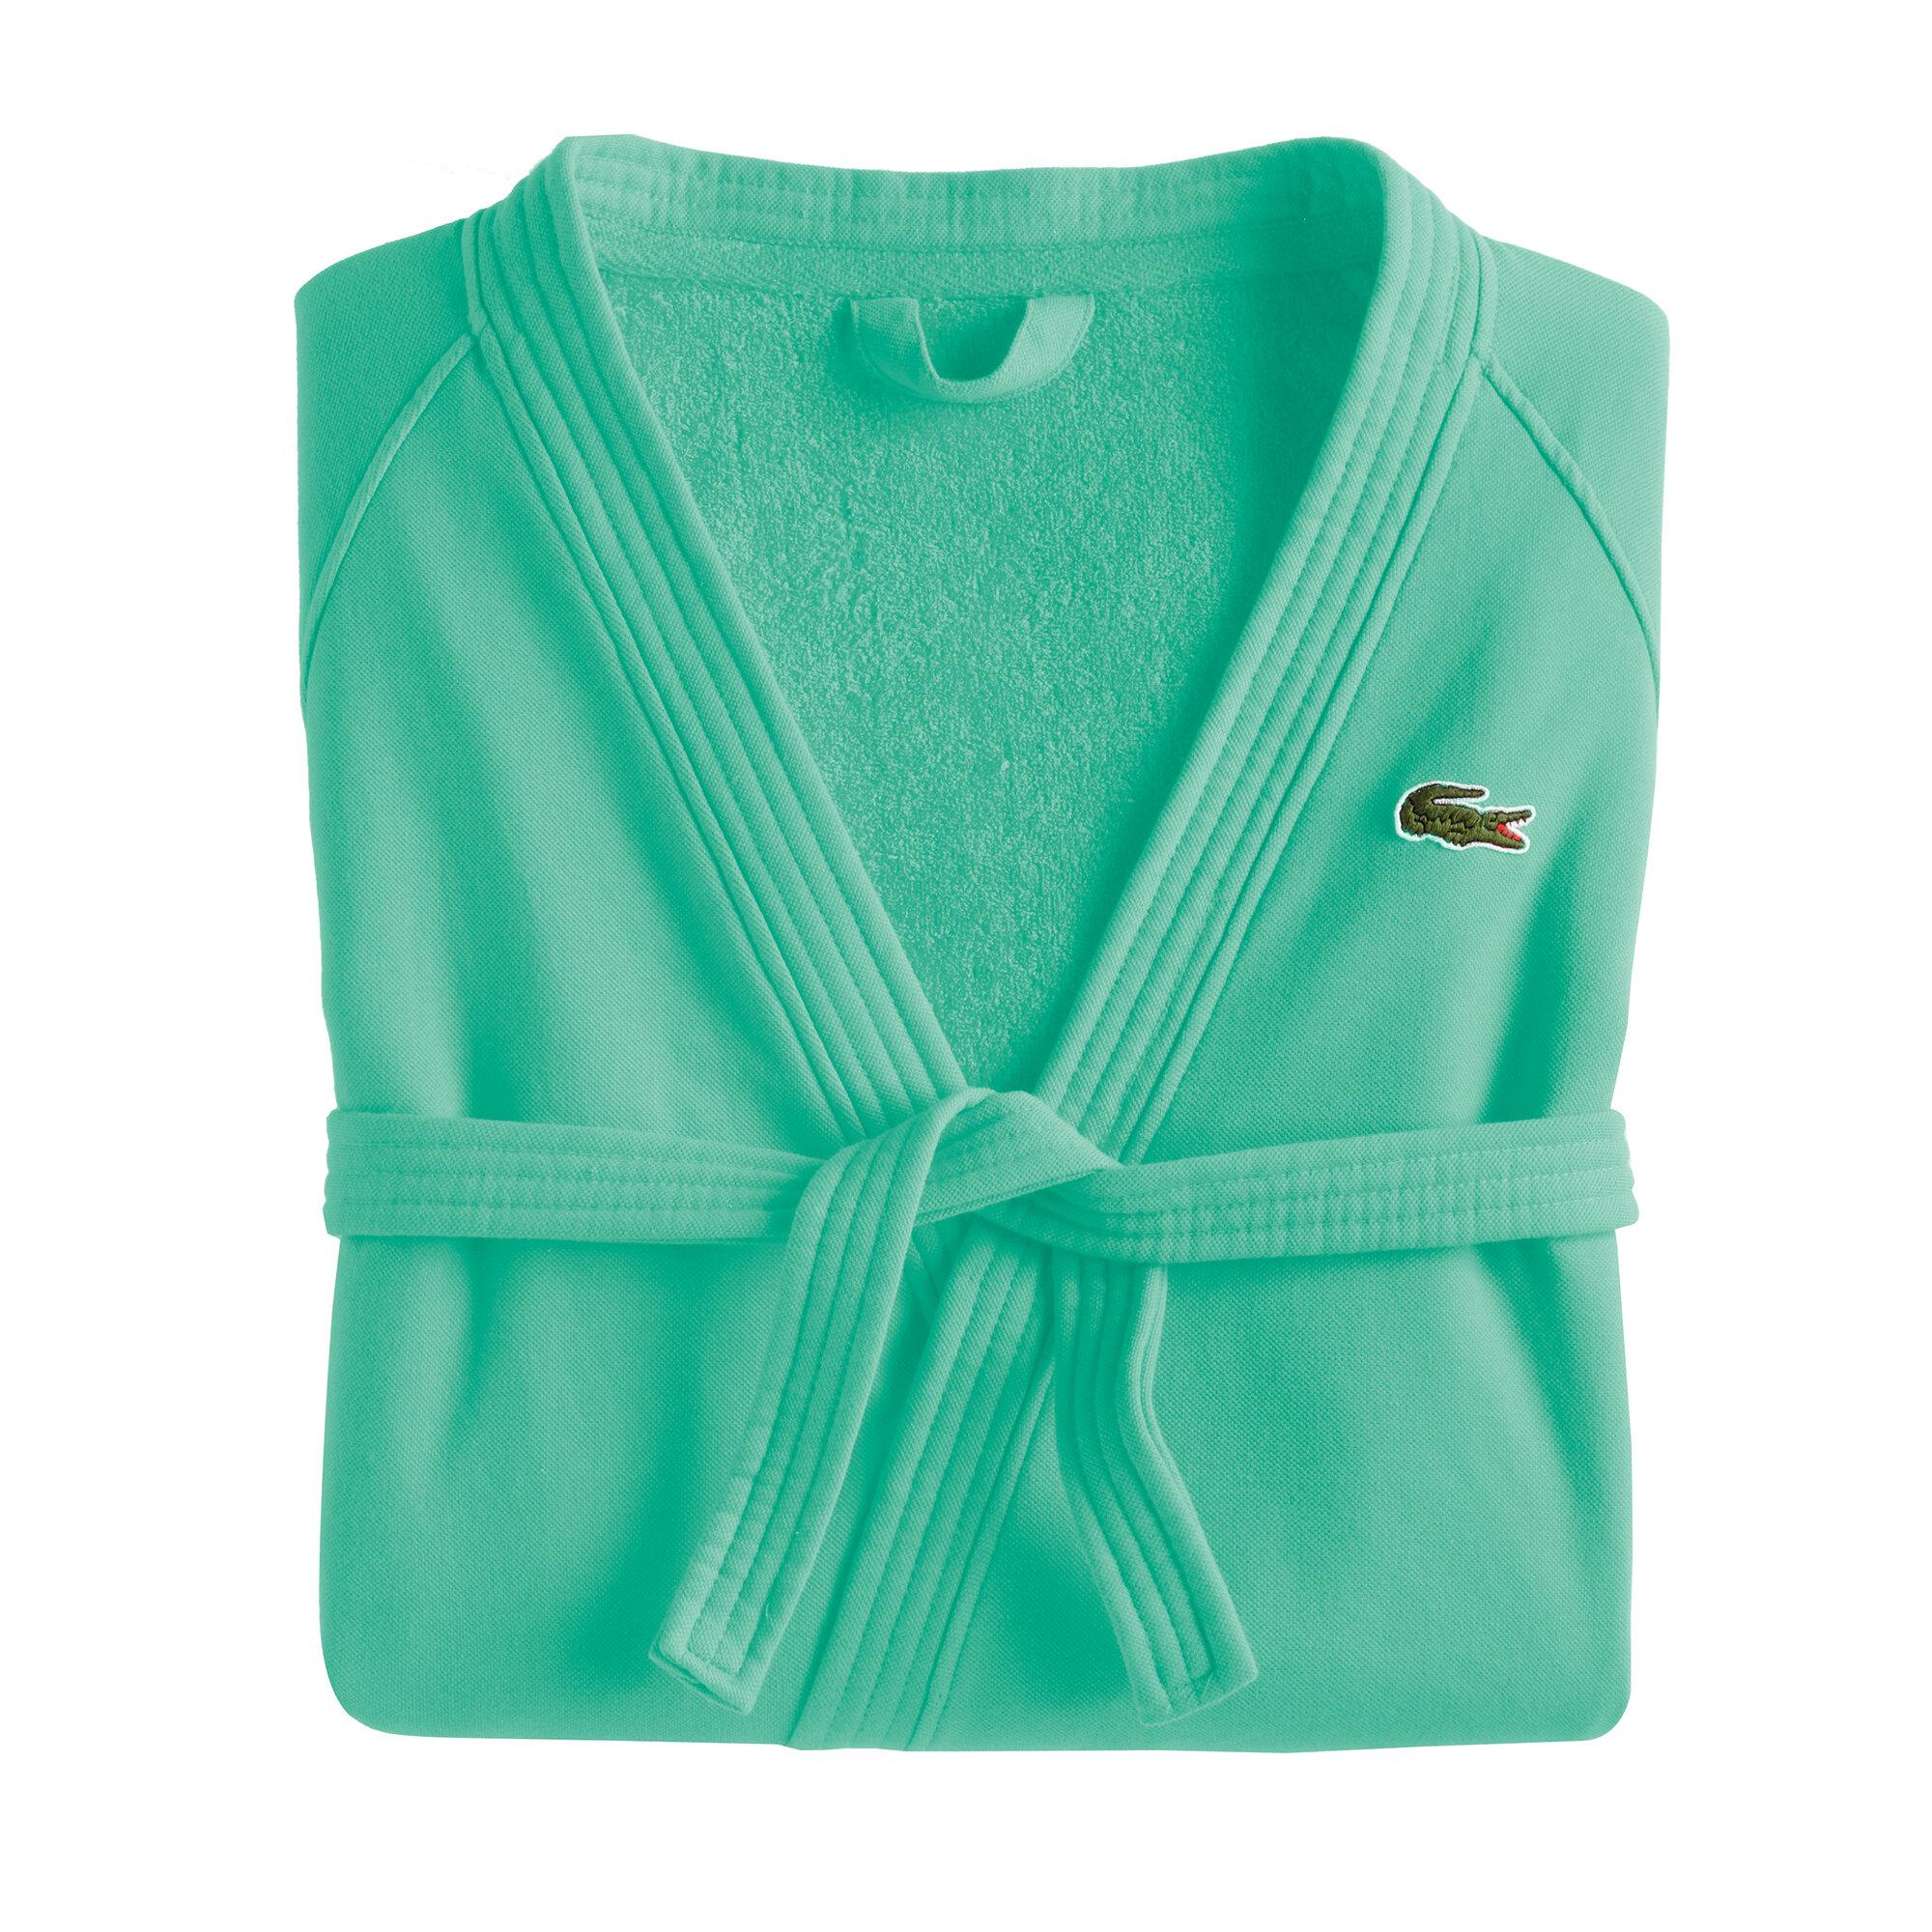 dccaacd796 Lacoste Break Point 100% Cotton Terry Cloth Bathrobe